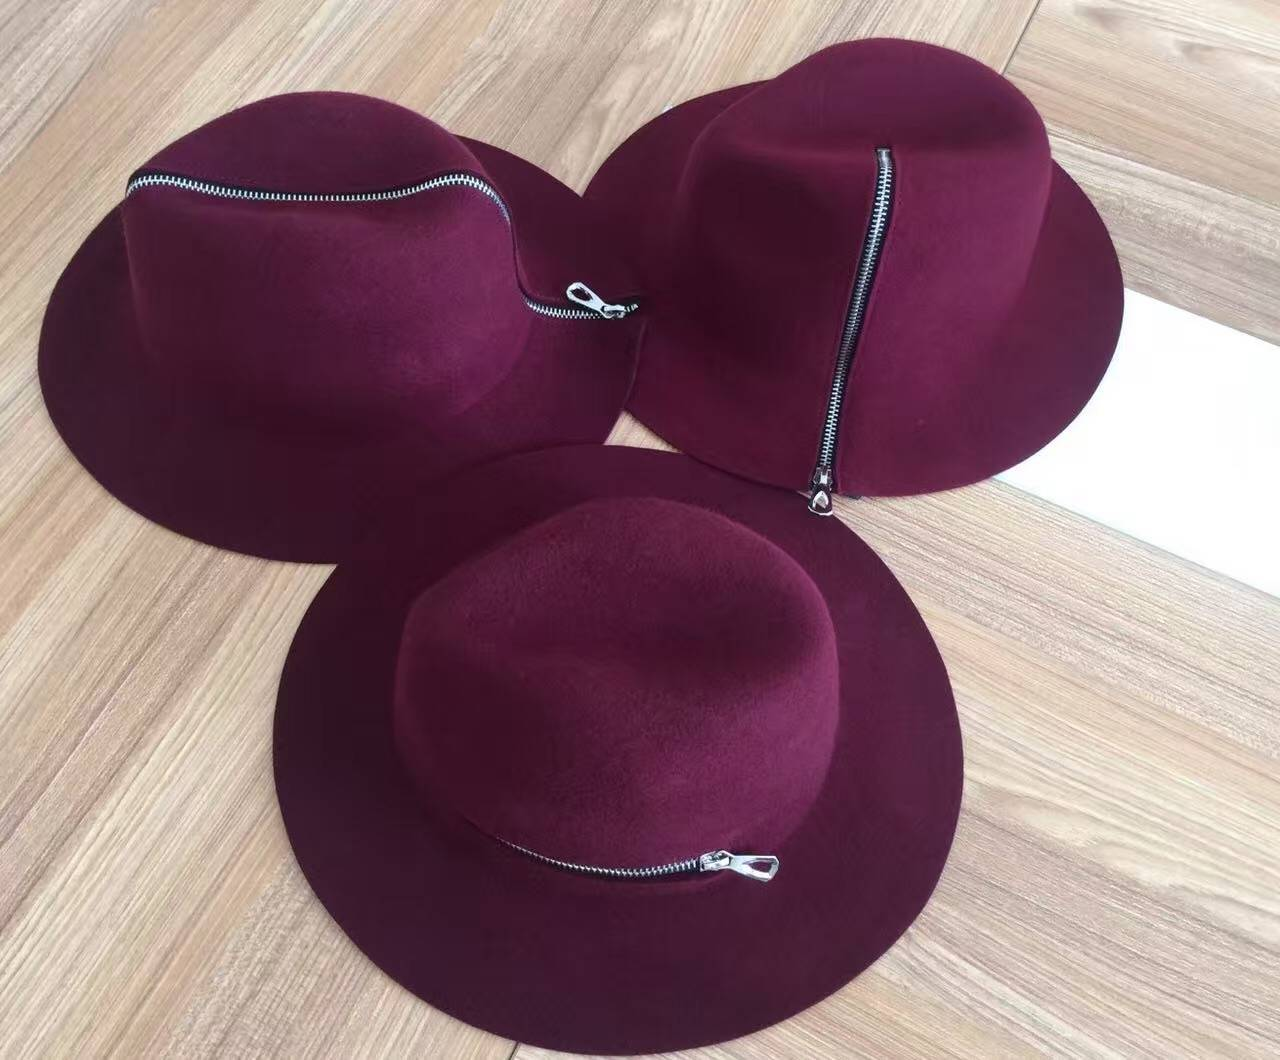 Fashion Wool Felt Hats in Burgundy Color